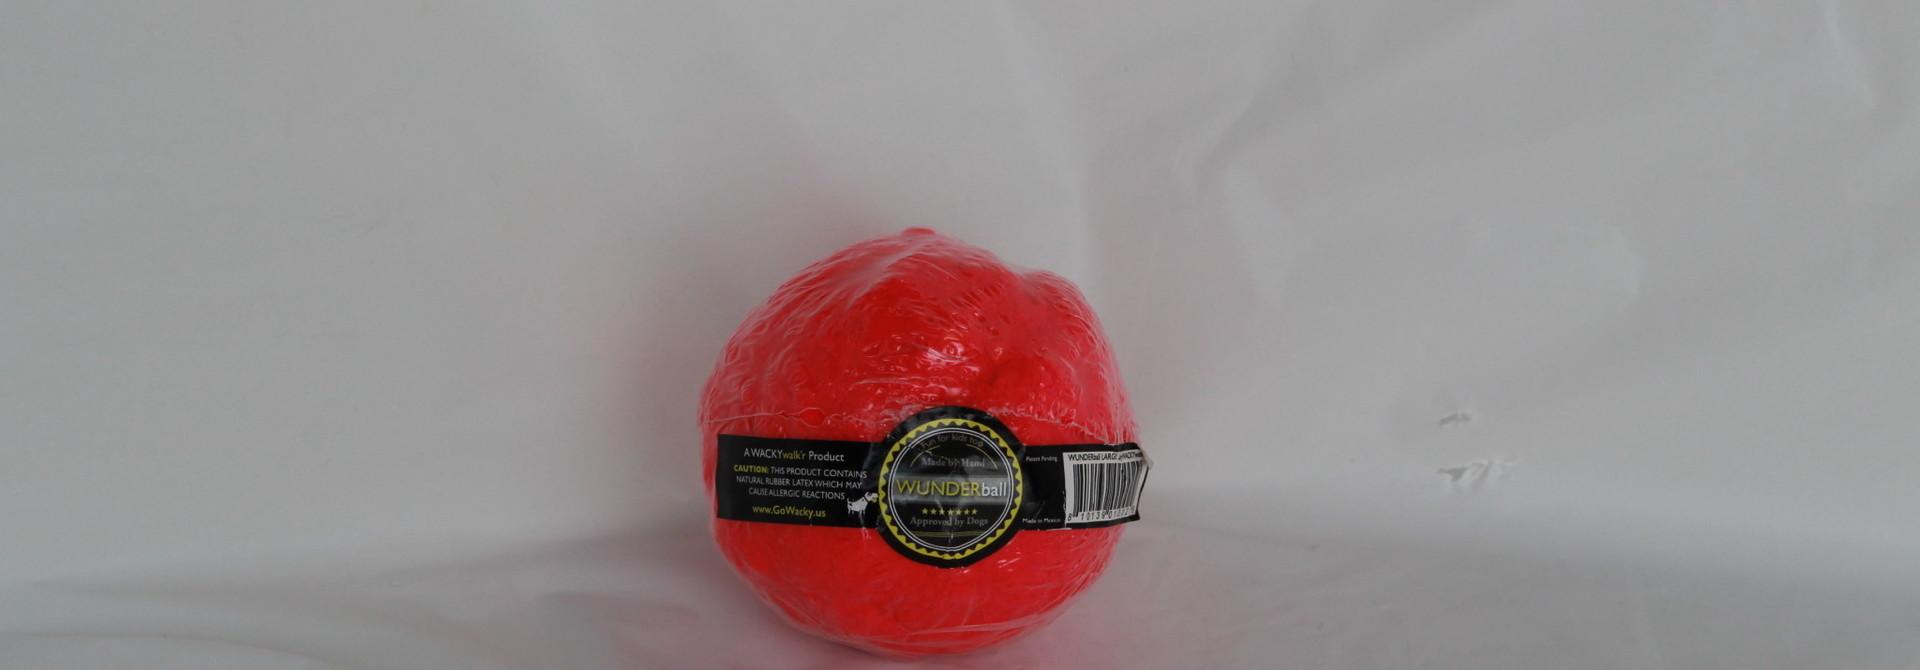 Wunderball-Medium